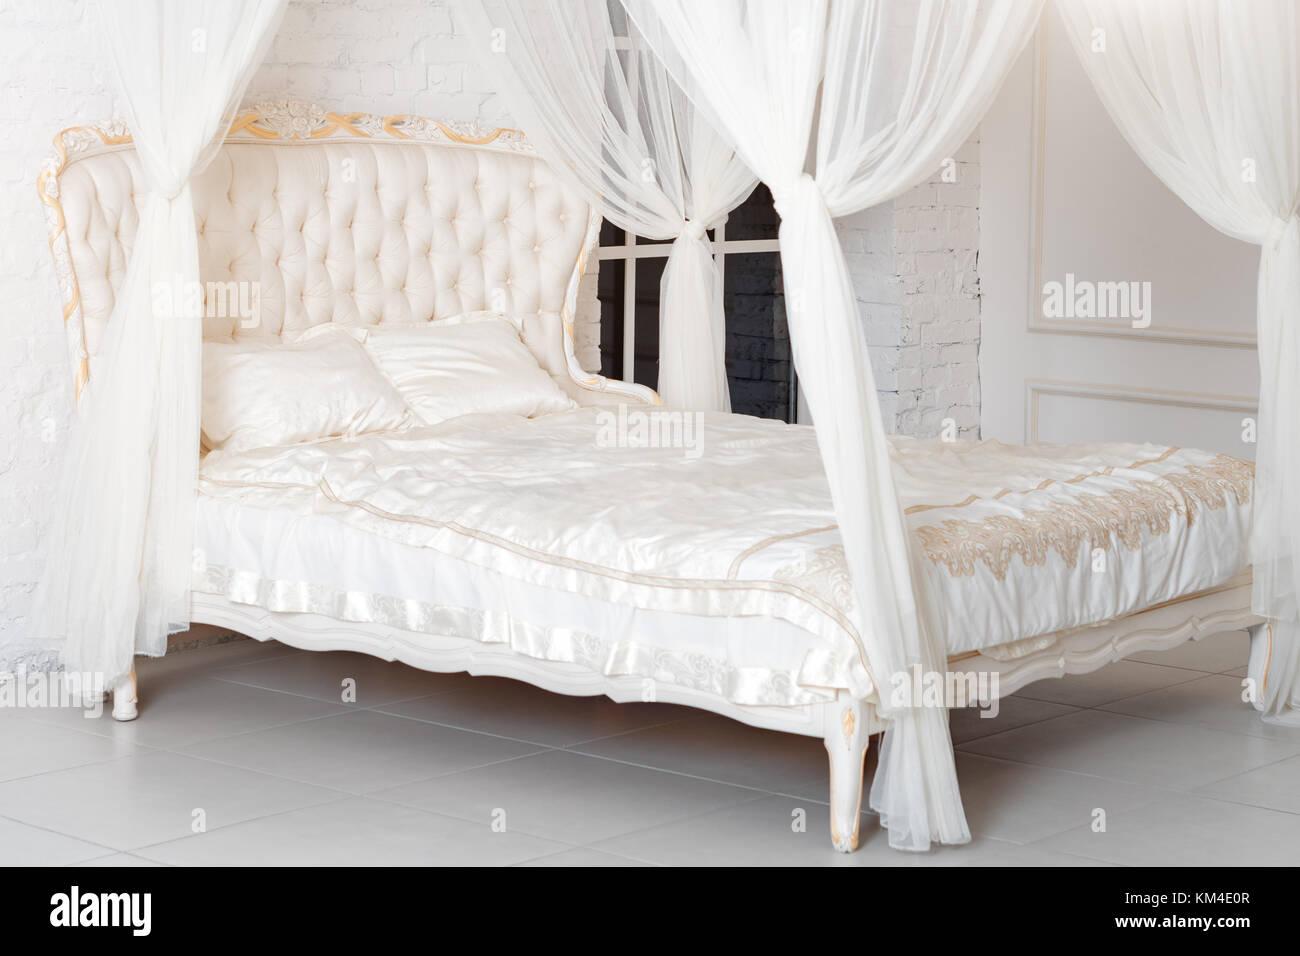 Hochwertig Schlafzimmer In Sanften Hellen Farben. Großes, Bequemes Himmelbett  Doppelbett In Eleganten Klassischen Schlafzimmer. Luxus Weiss Mit Gold  Interieur.